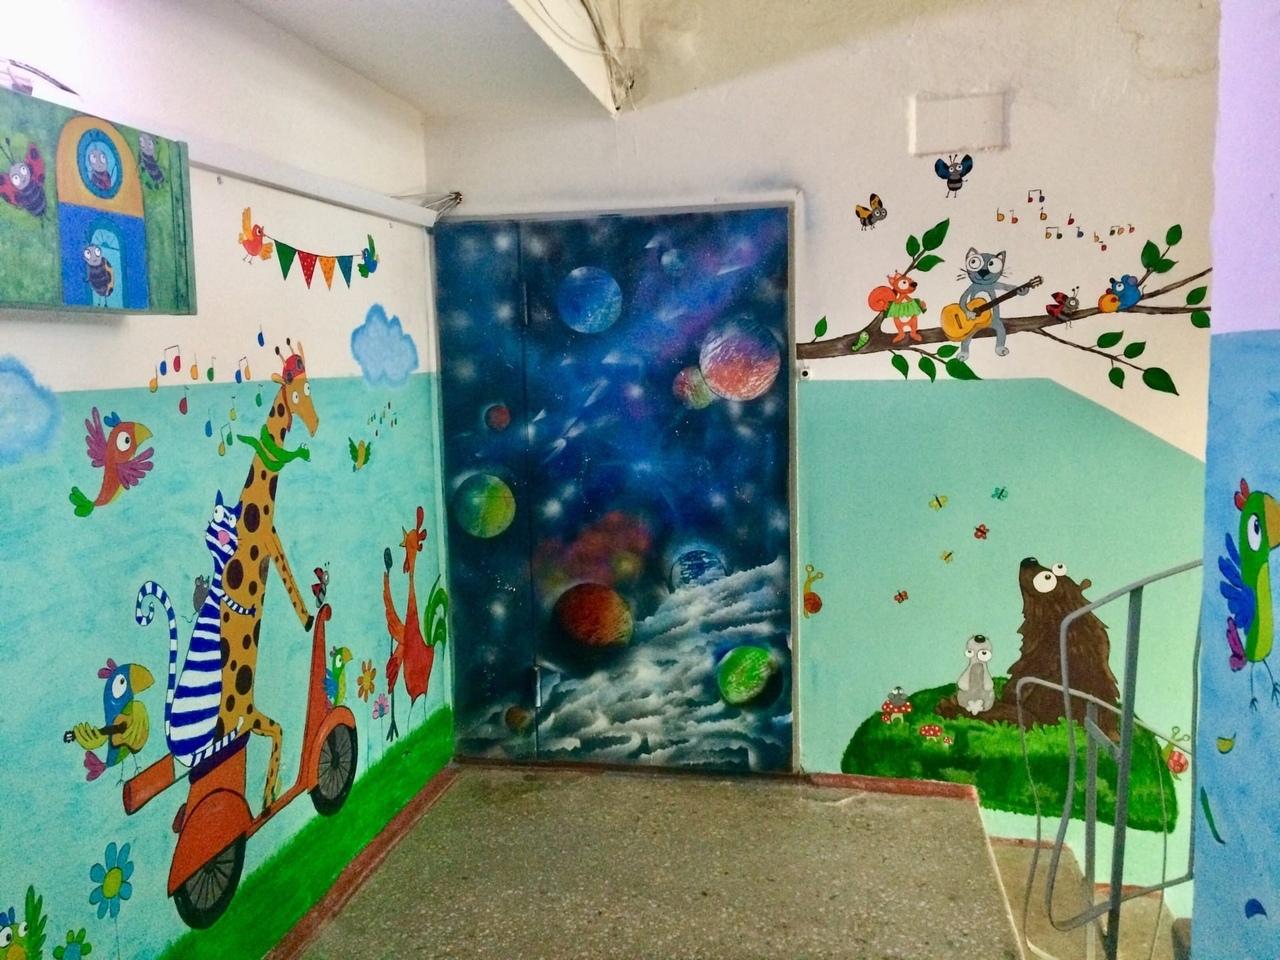 В Тверской области художница украсила подъезд